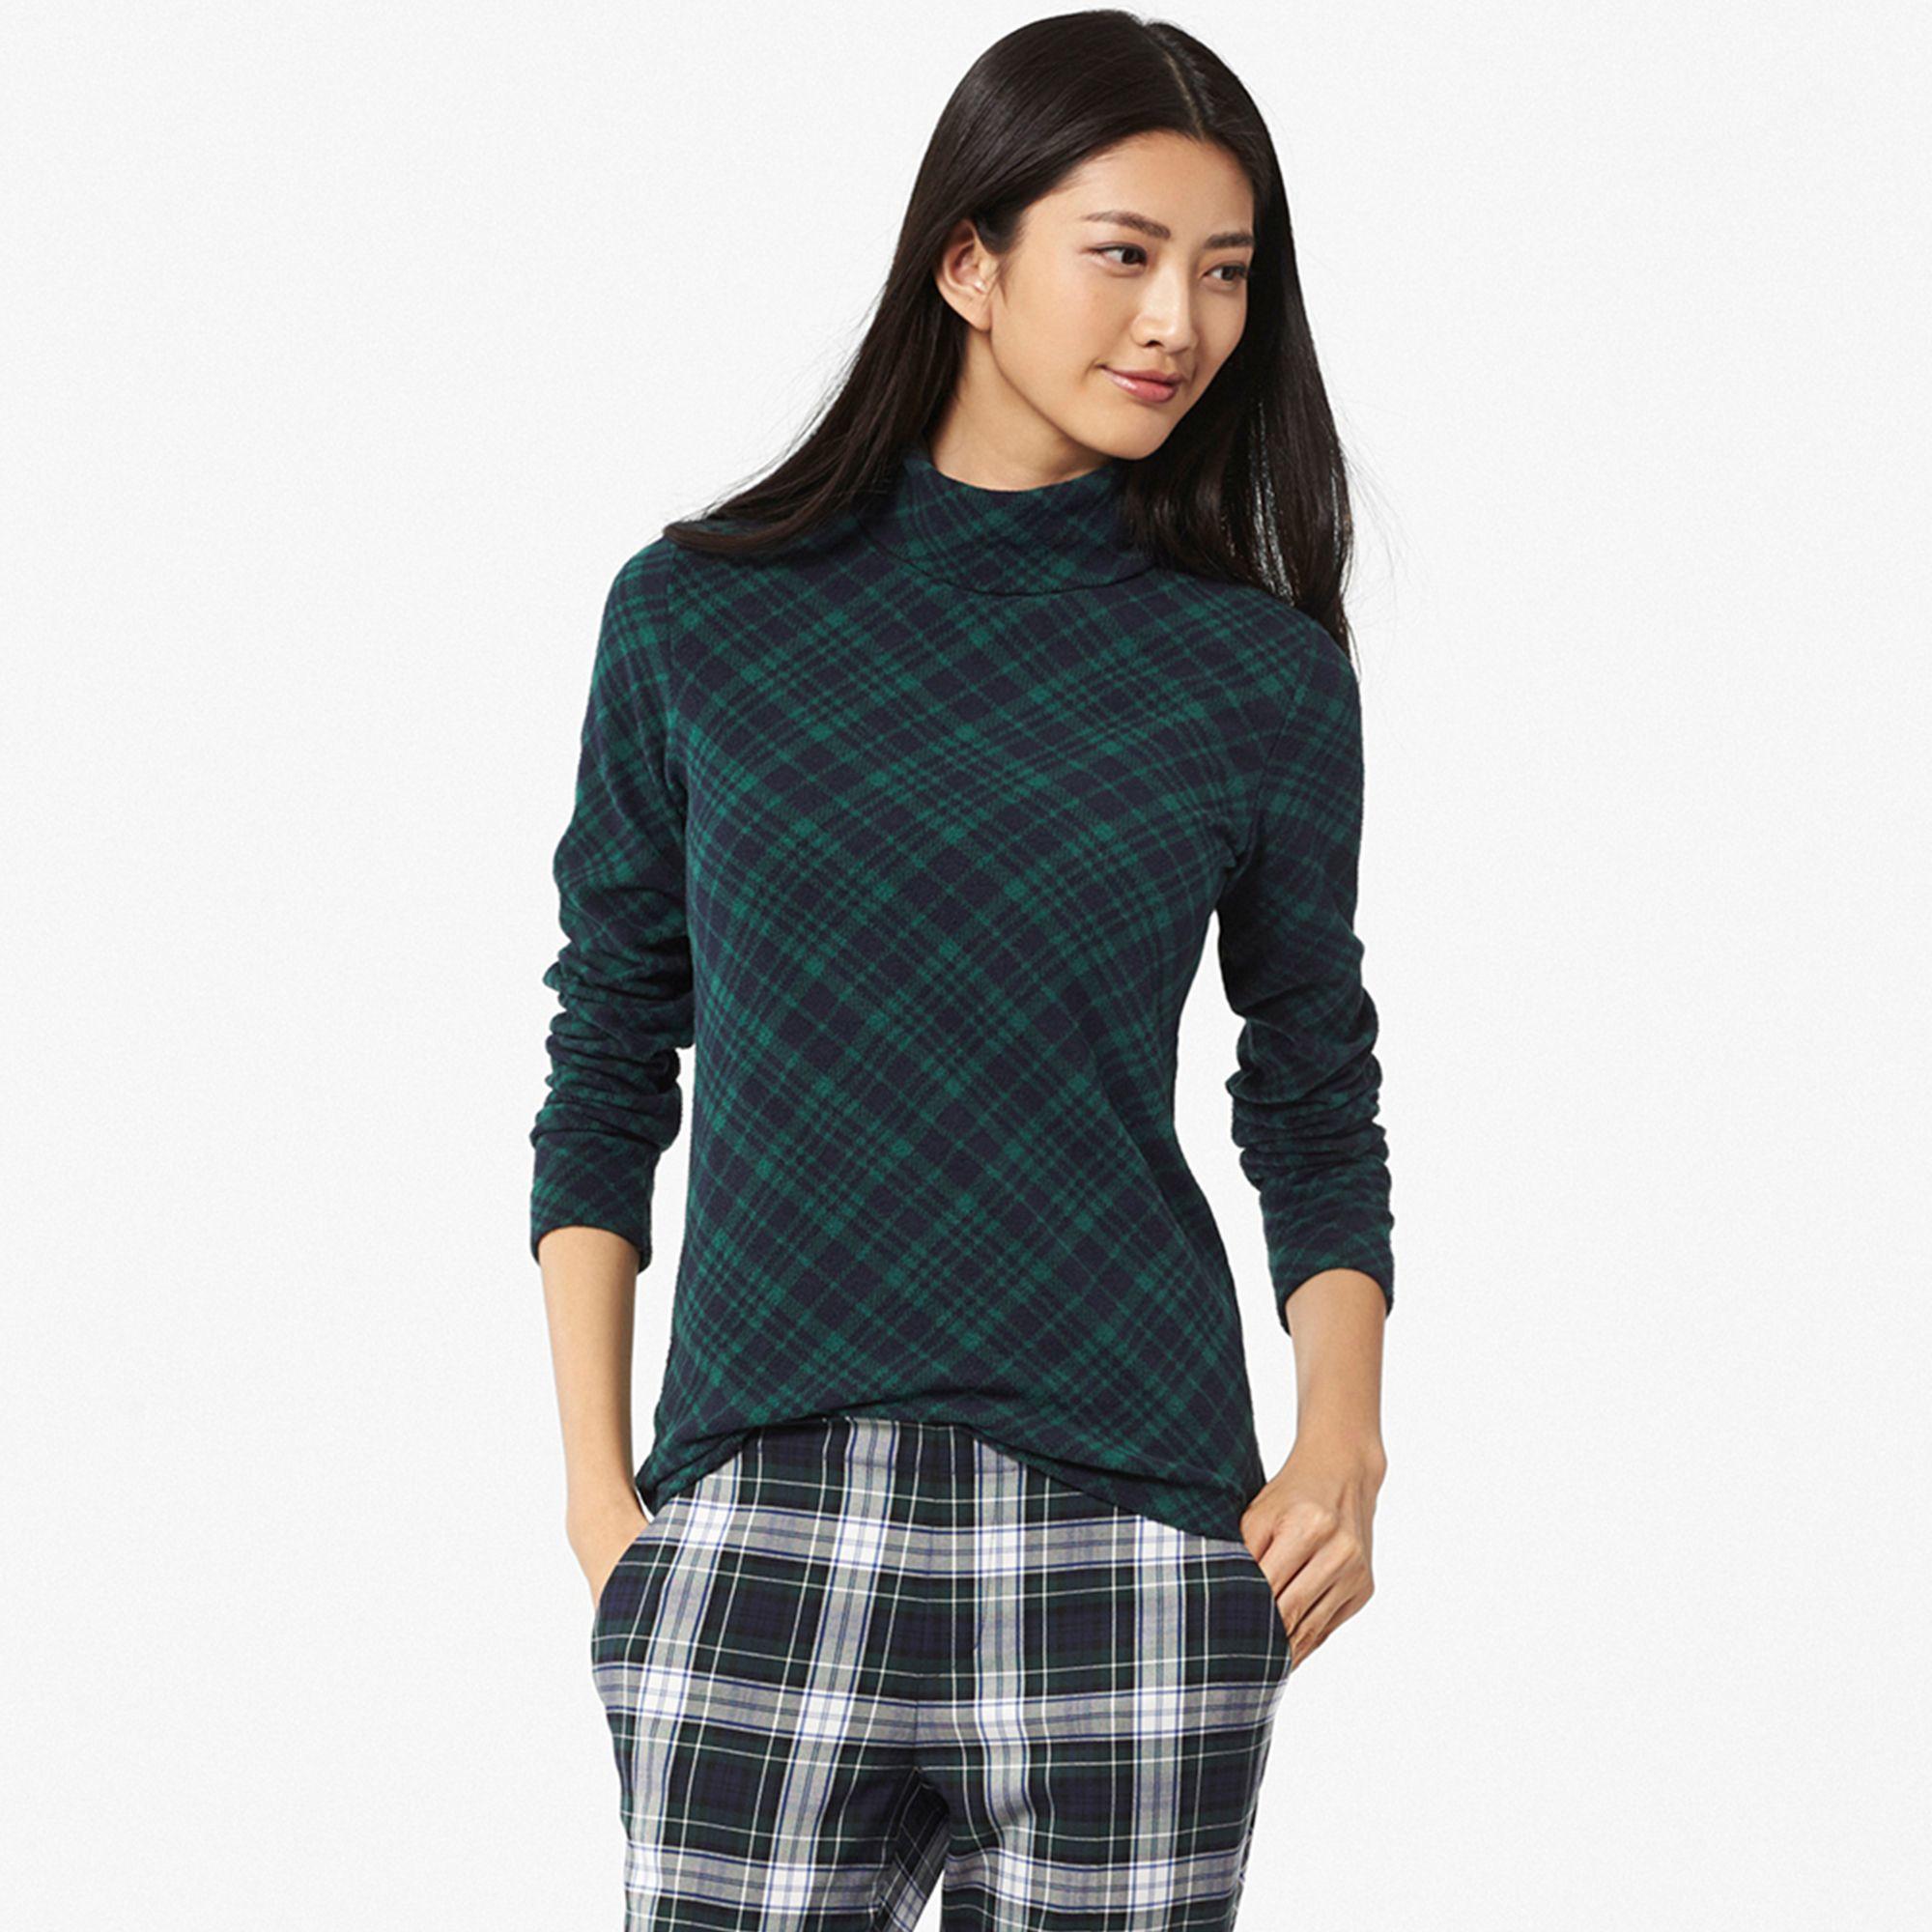 Uniqlo women heattech fleece turtleneck long sleeve t for Long sleeve black turtleneck shirt